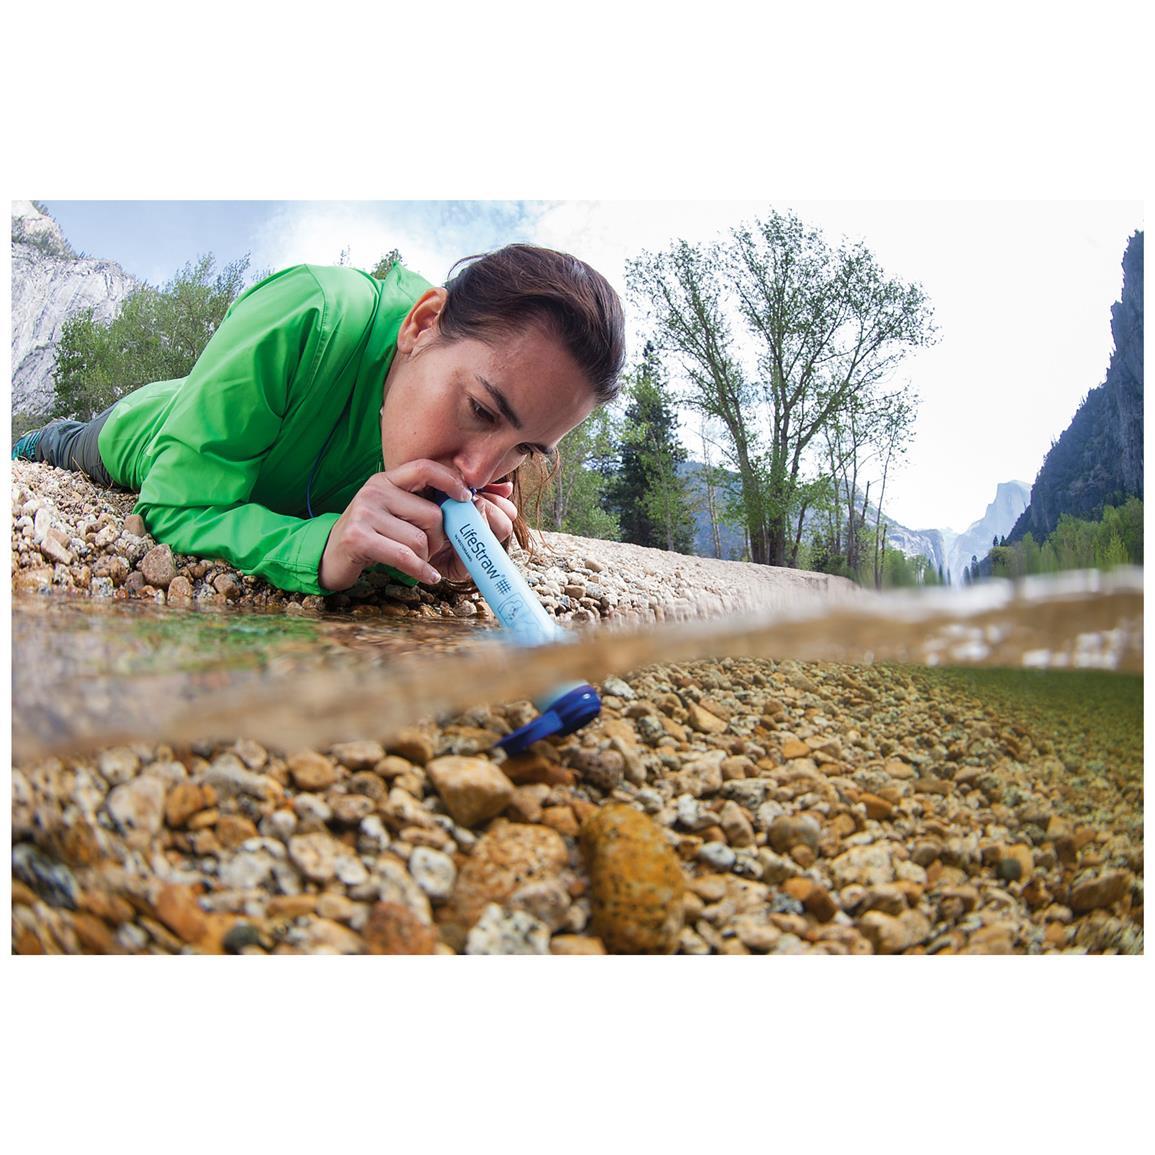 purificateur d'eau lifestraw randonnée paille filtrante, purification d'eau